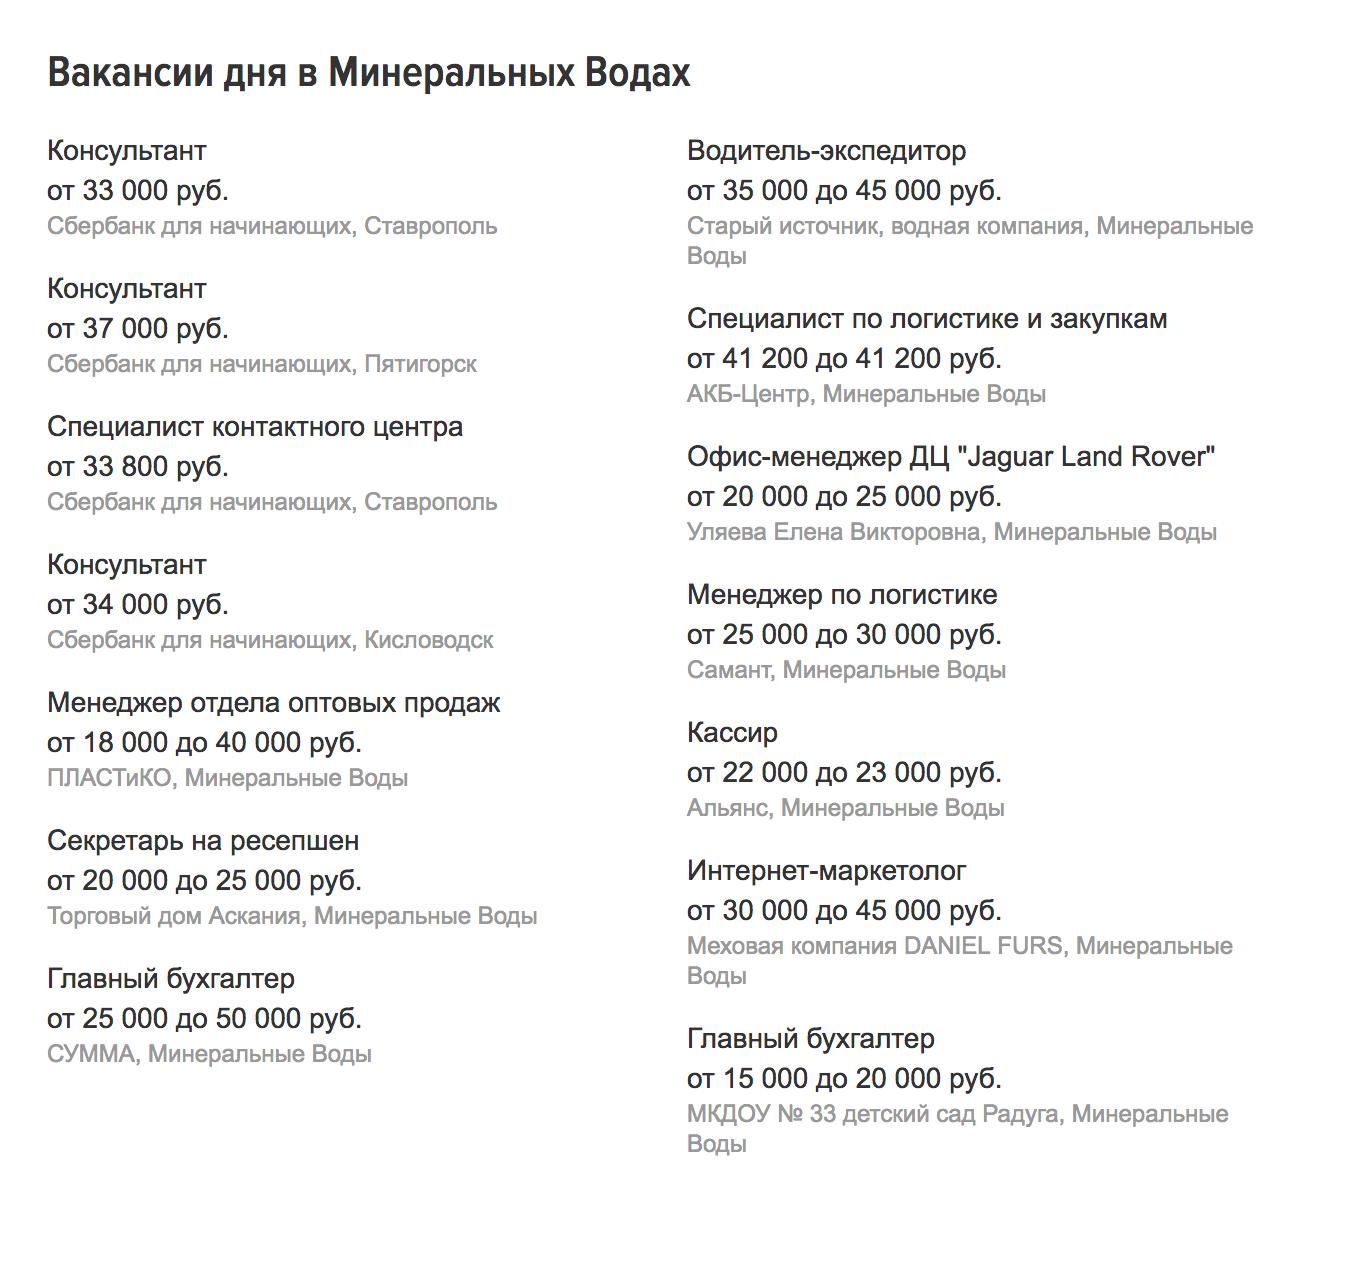 Вакансии в Минеральных Водах в январе 2019 года. Преподаватель английского получает от 20 до 30 тысяч рублей, заведующий гаражом — от 30 до 46 тысяч